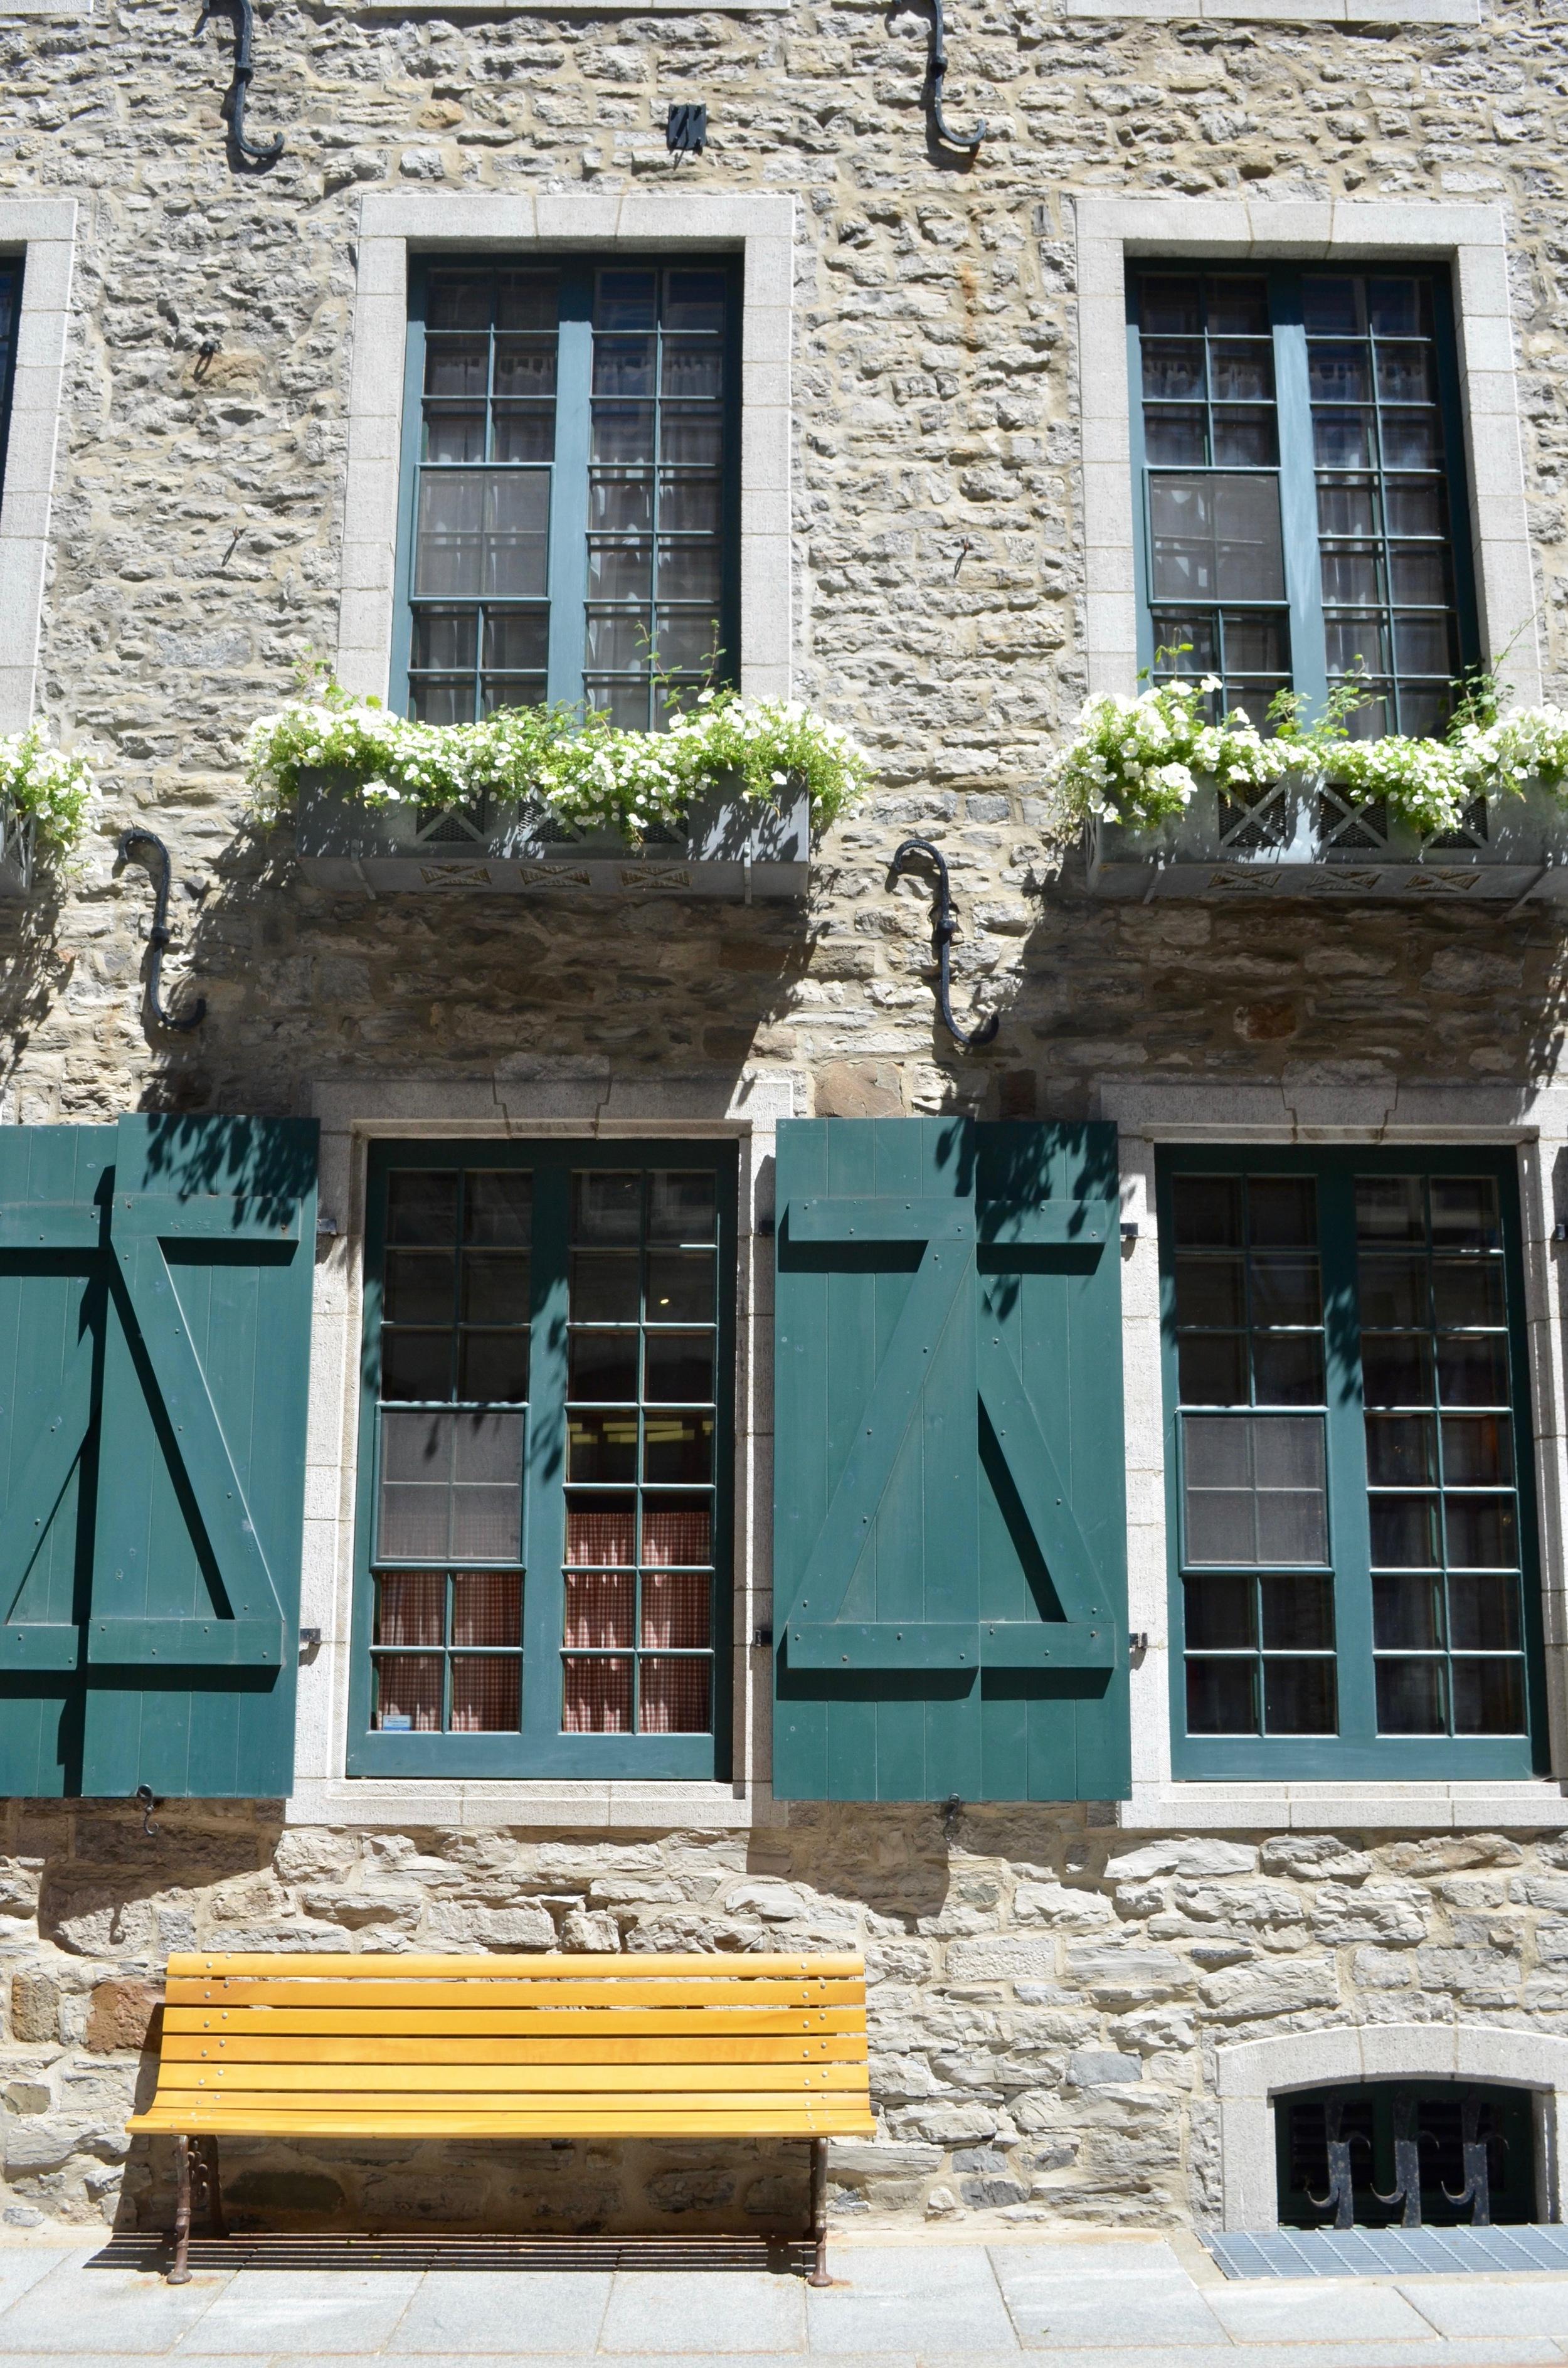 Quebeccitylove.jpg